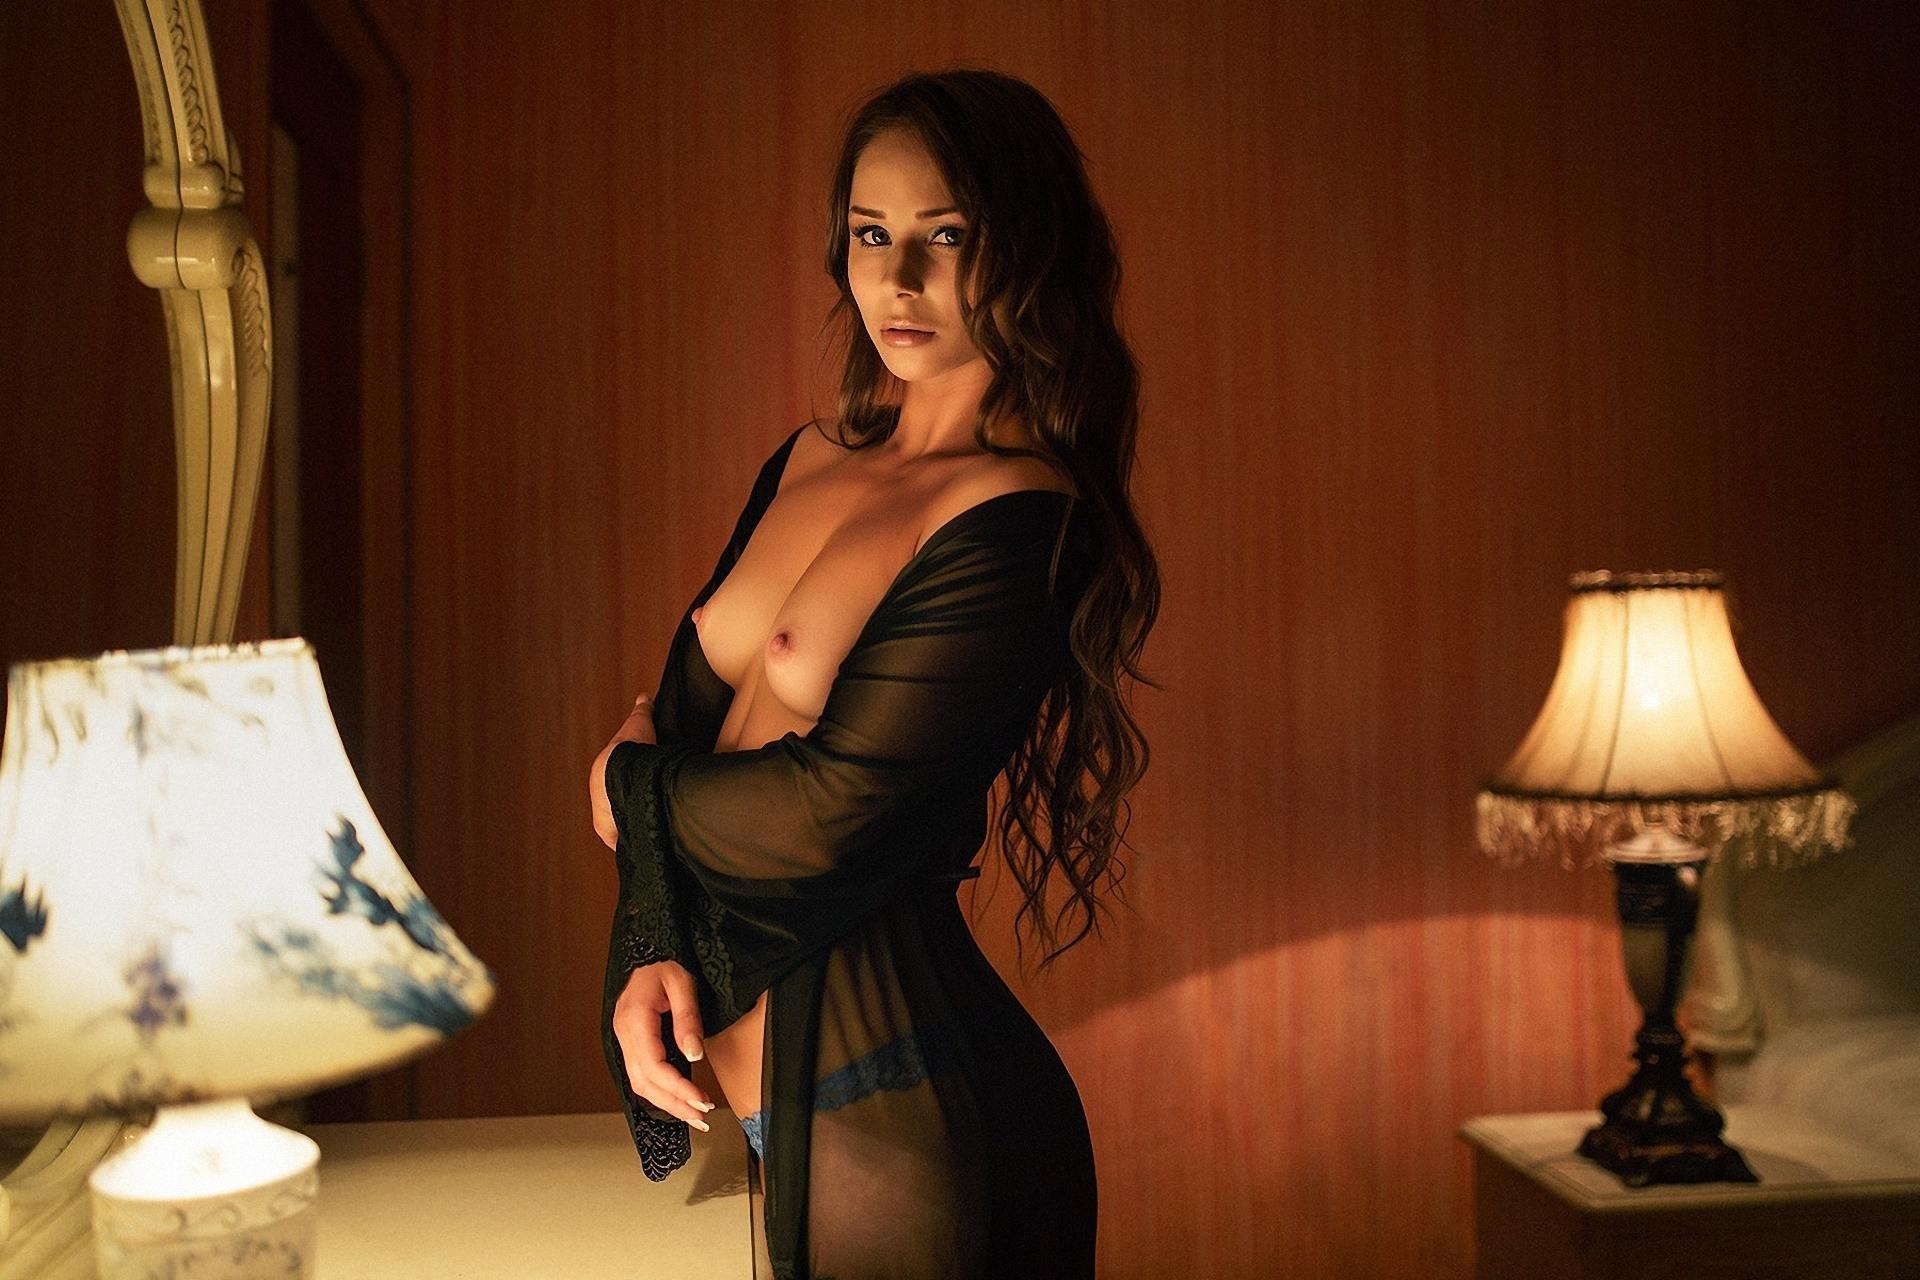 Фото Горячая женщина в черном прозрачном шелковом халате, голая грудь, лампы, спальня, вечер, скачать картинку бесплатно